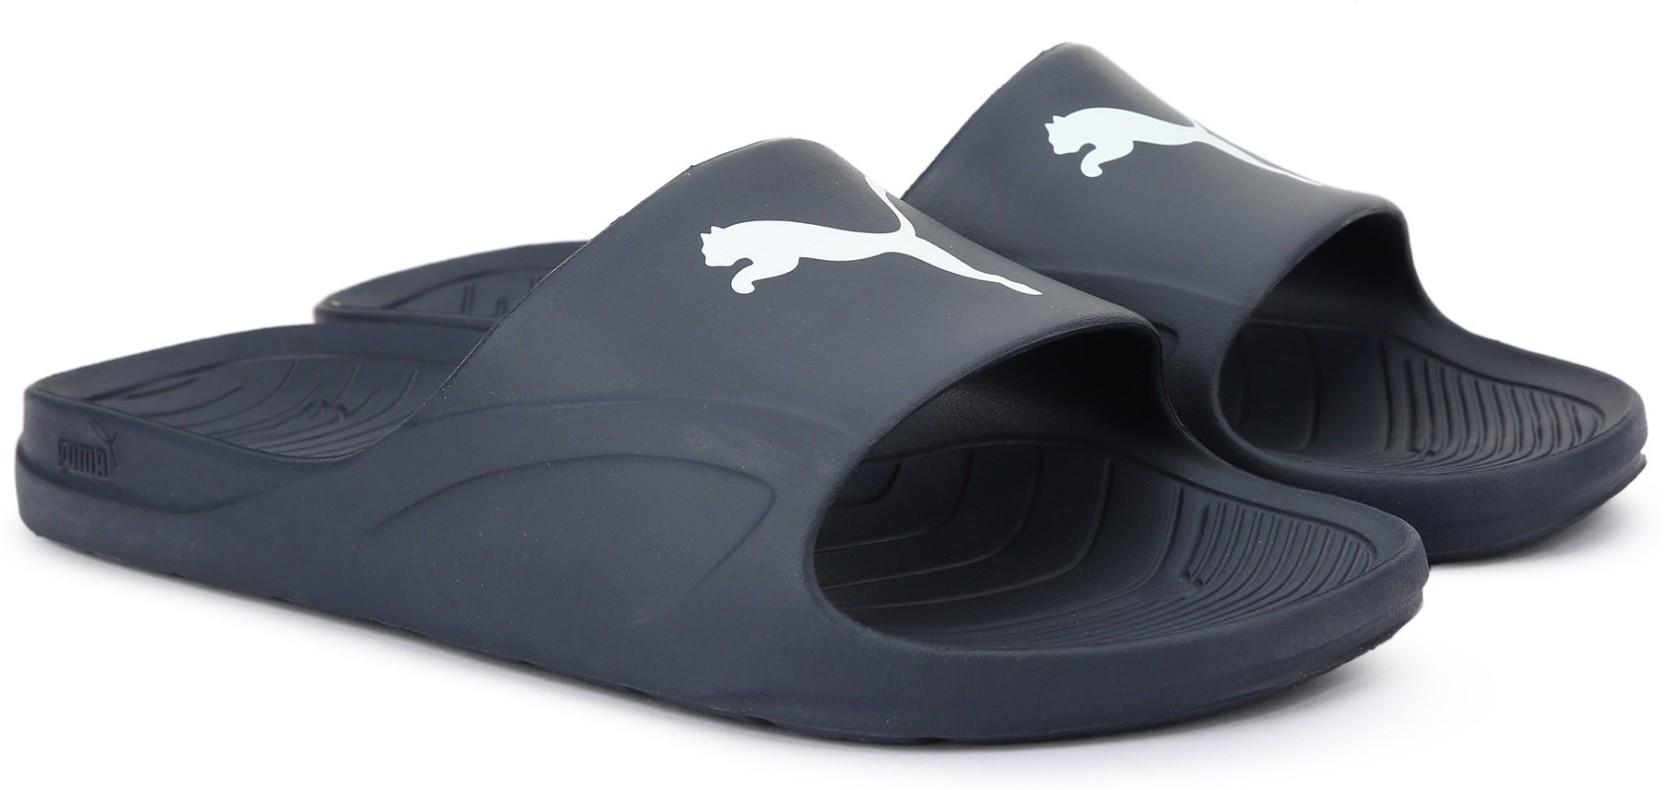 b4d58781f6d5 Puma Divecat Slides - Buy peacoat-white Color Puma Divecat Slides ...